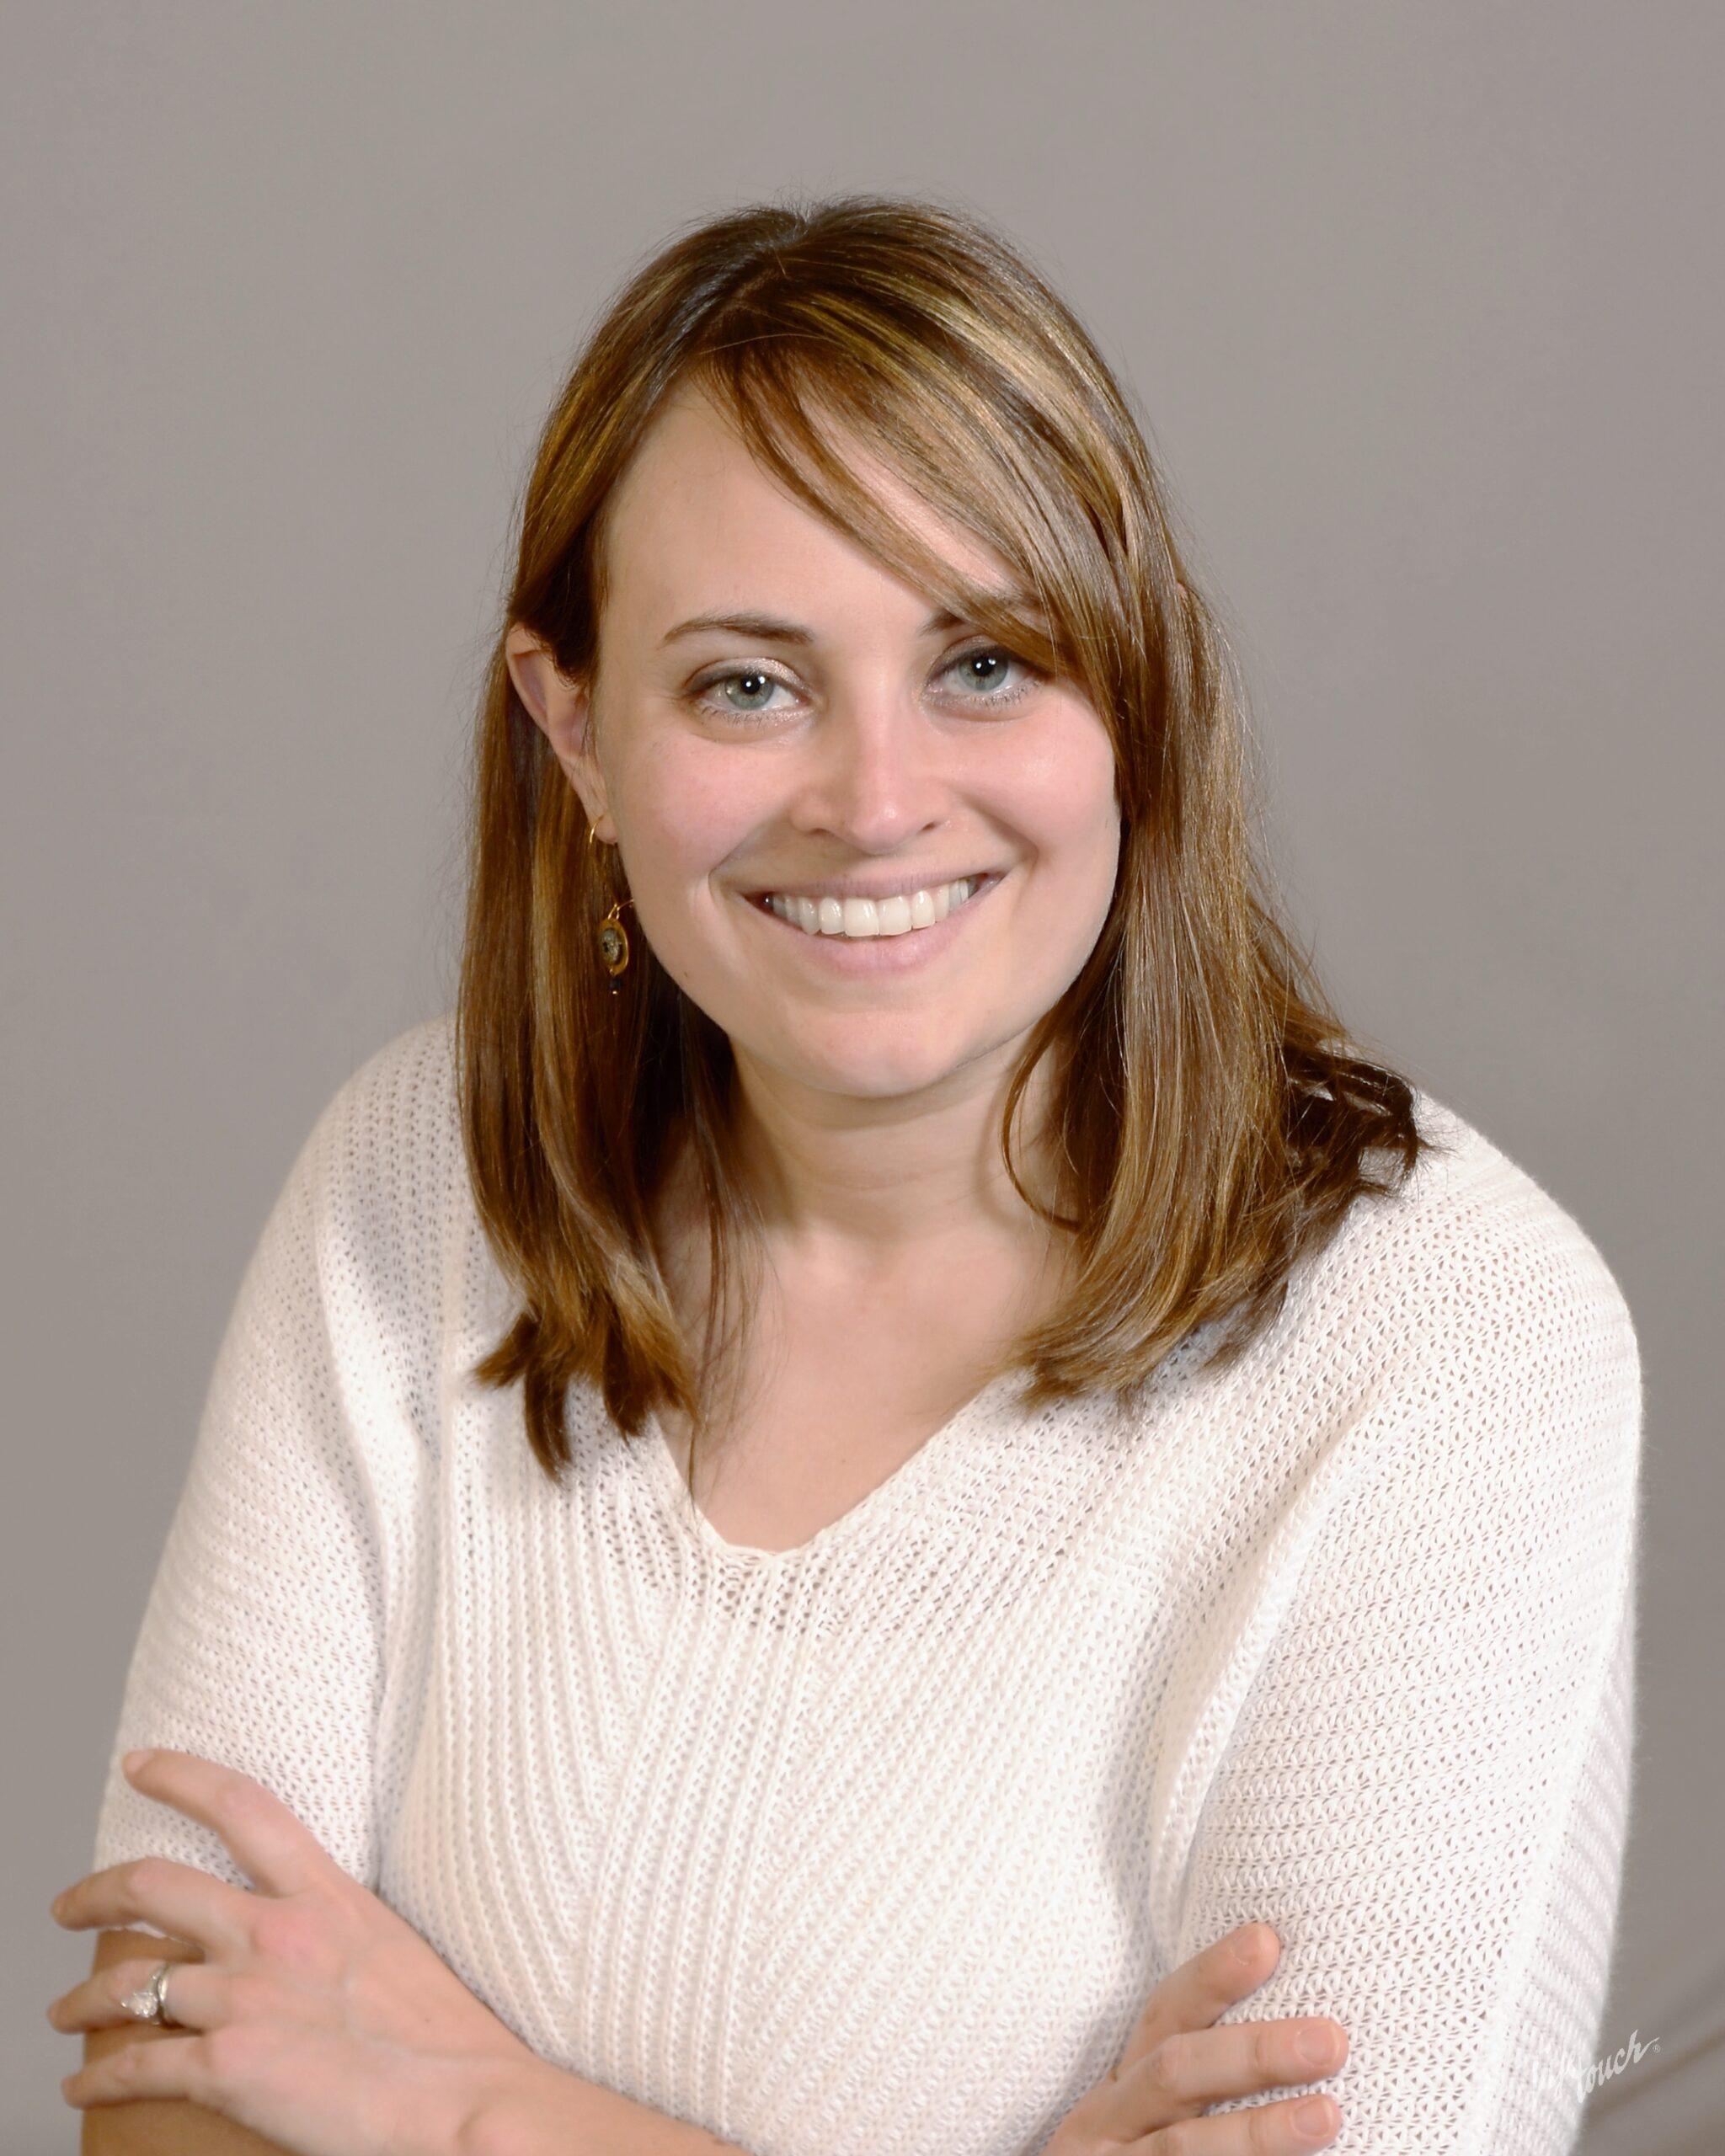 Dr. Helene Shapiro